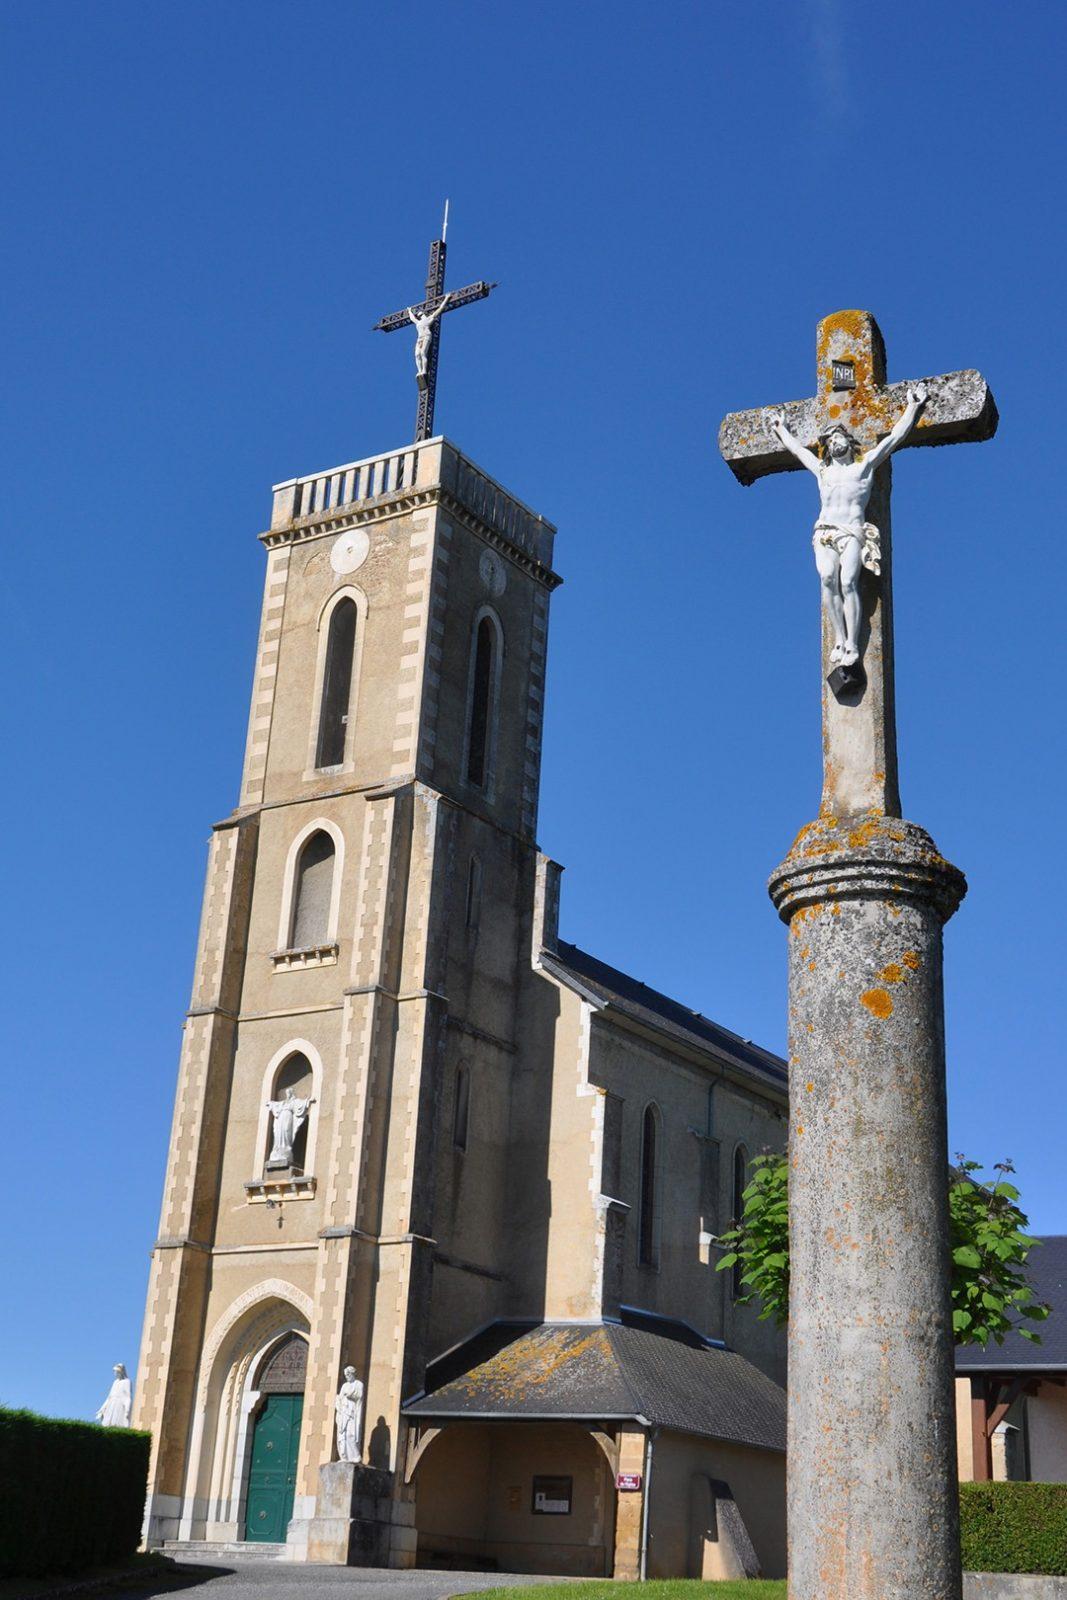 Eglise Libaros